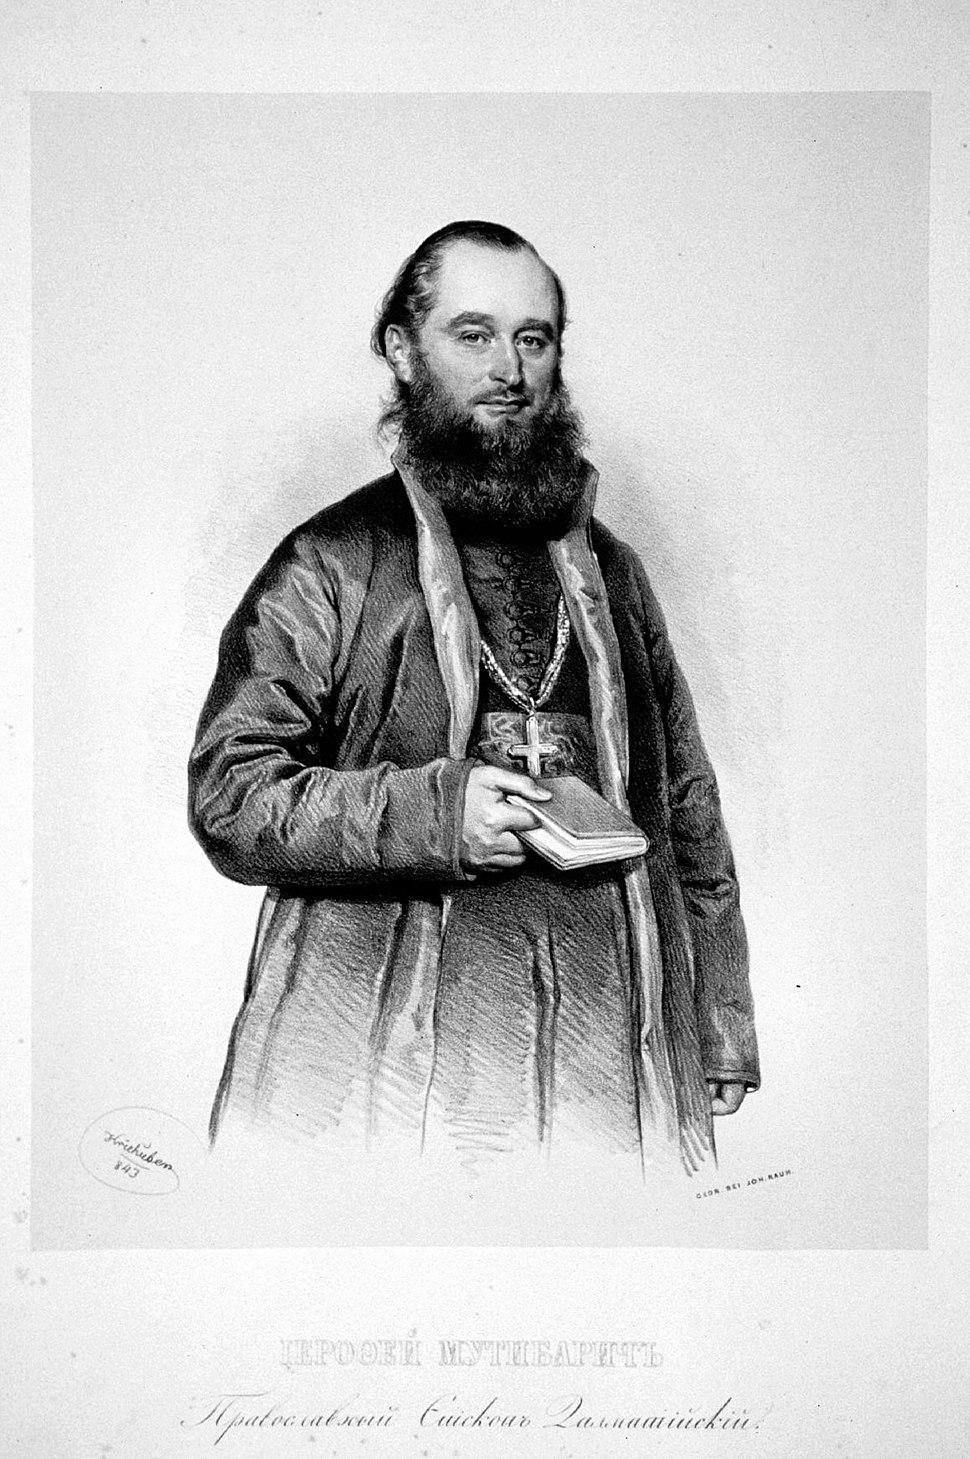 Hierotheus Mutibaric Litho